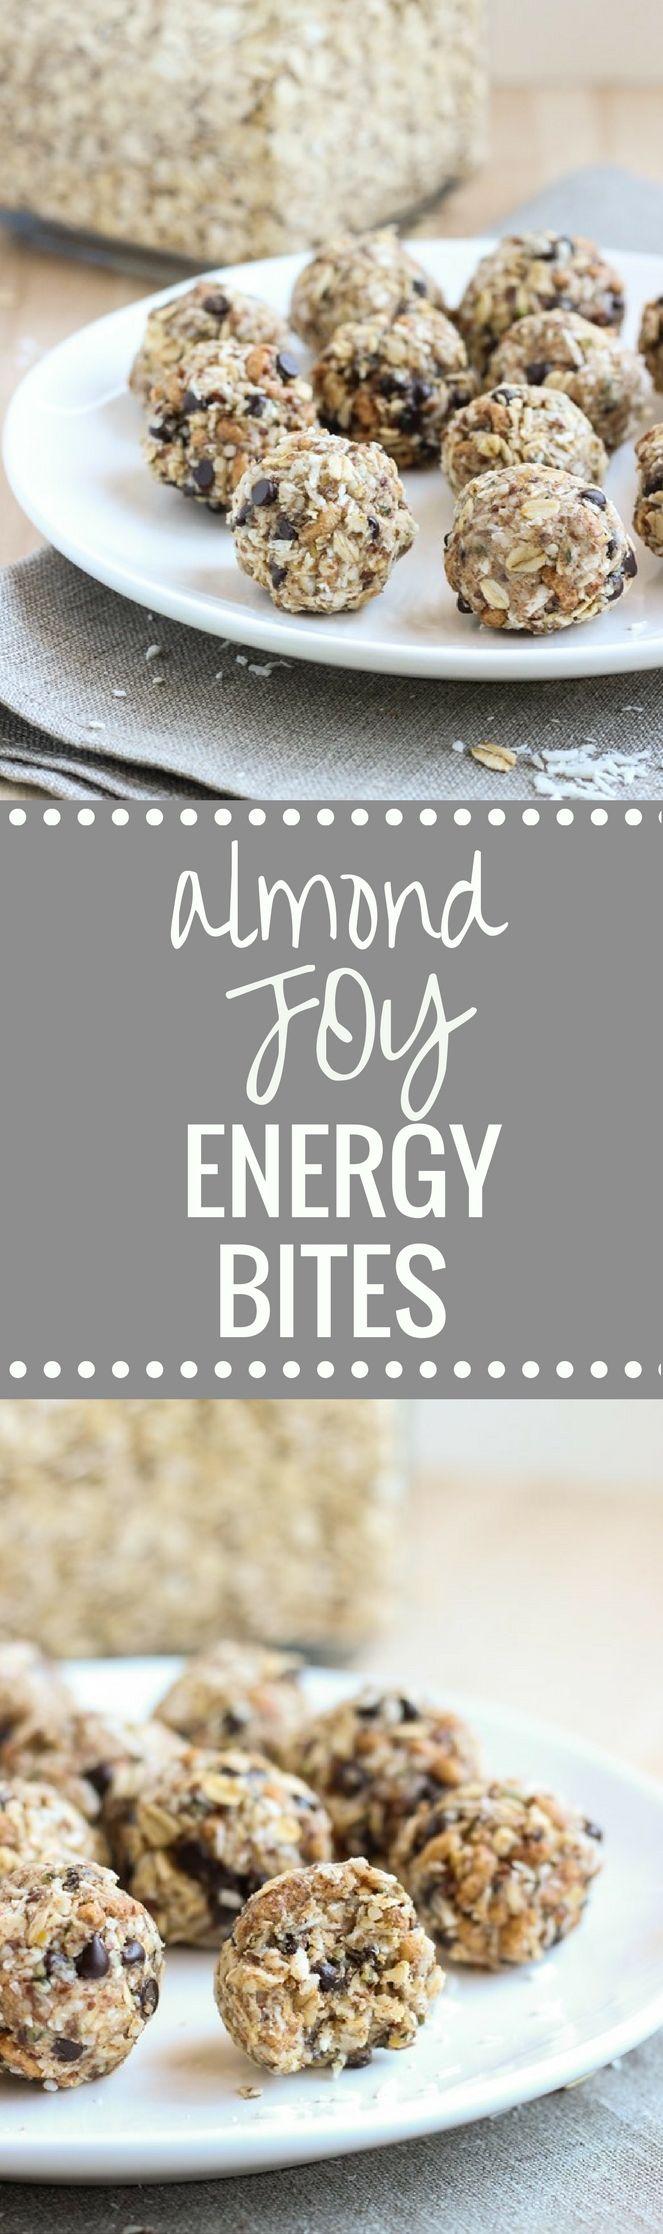 NoBake Almond Joy Energy Bites Snacks, Energy bites